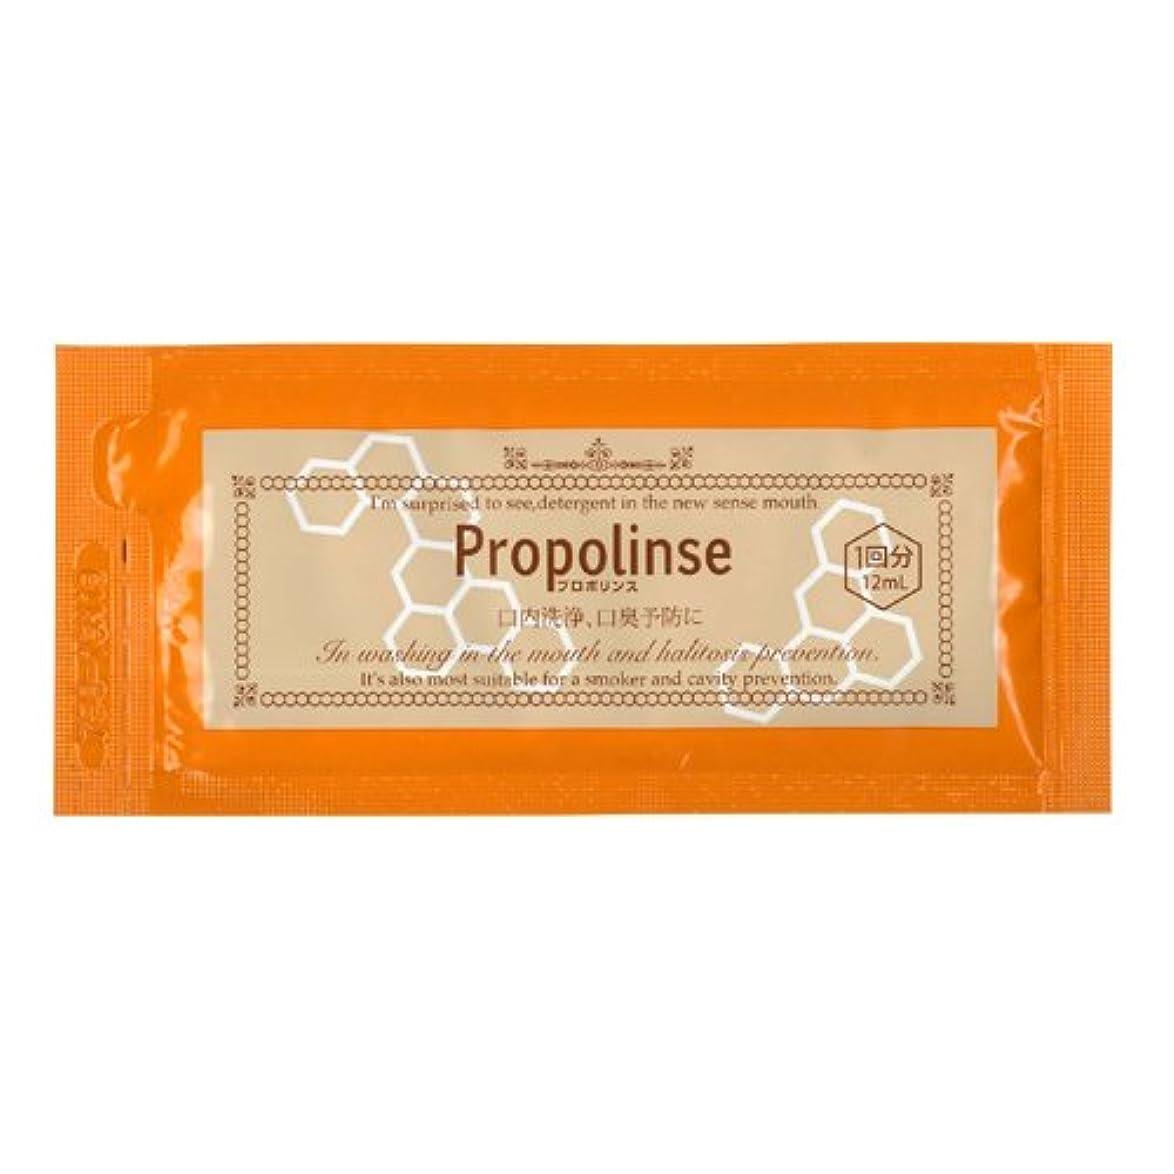 エイリアスオペレーター僕のプロポリンス ハンディパウチ 12ml(1袋)×100袋